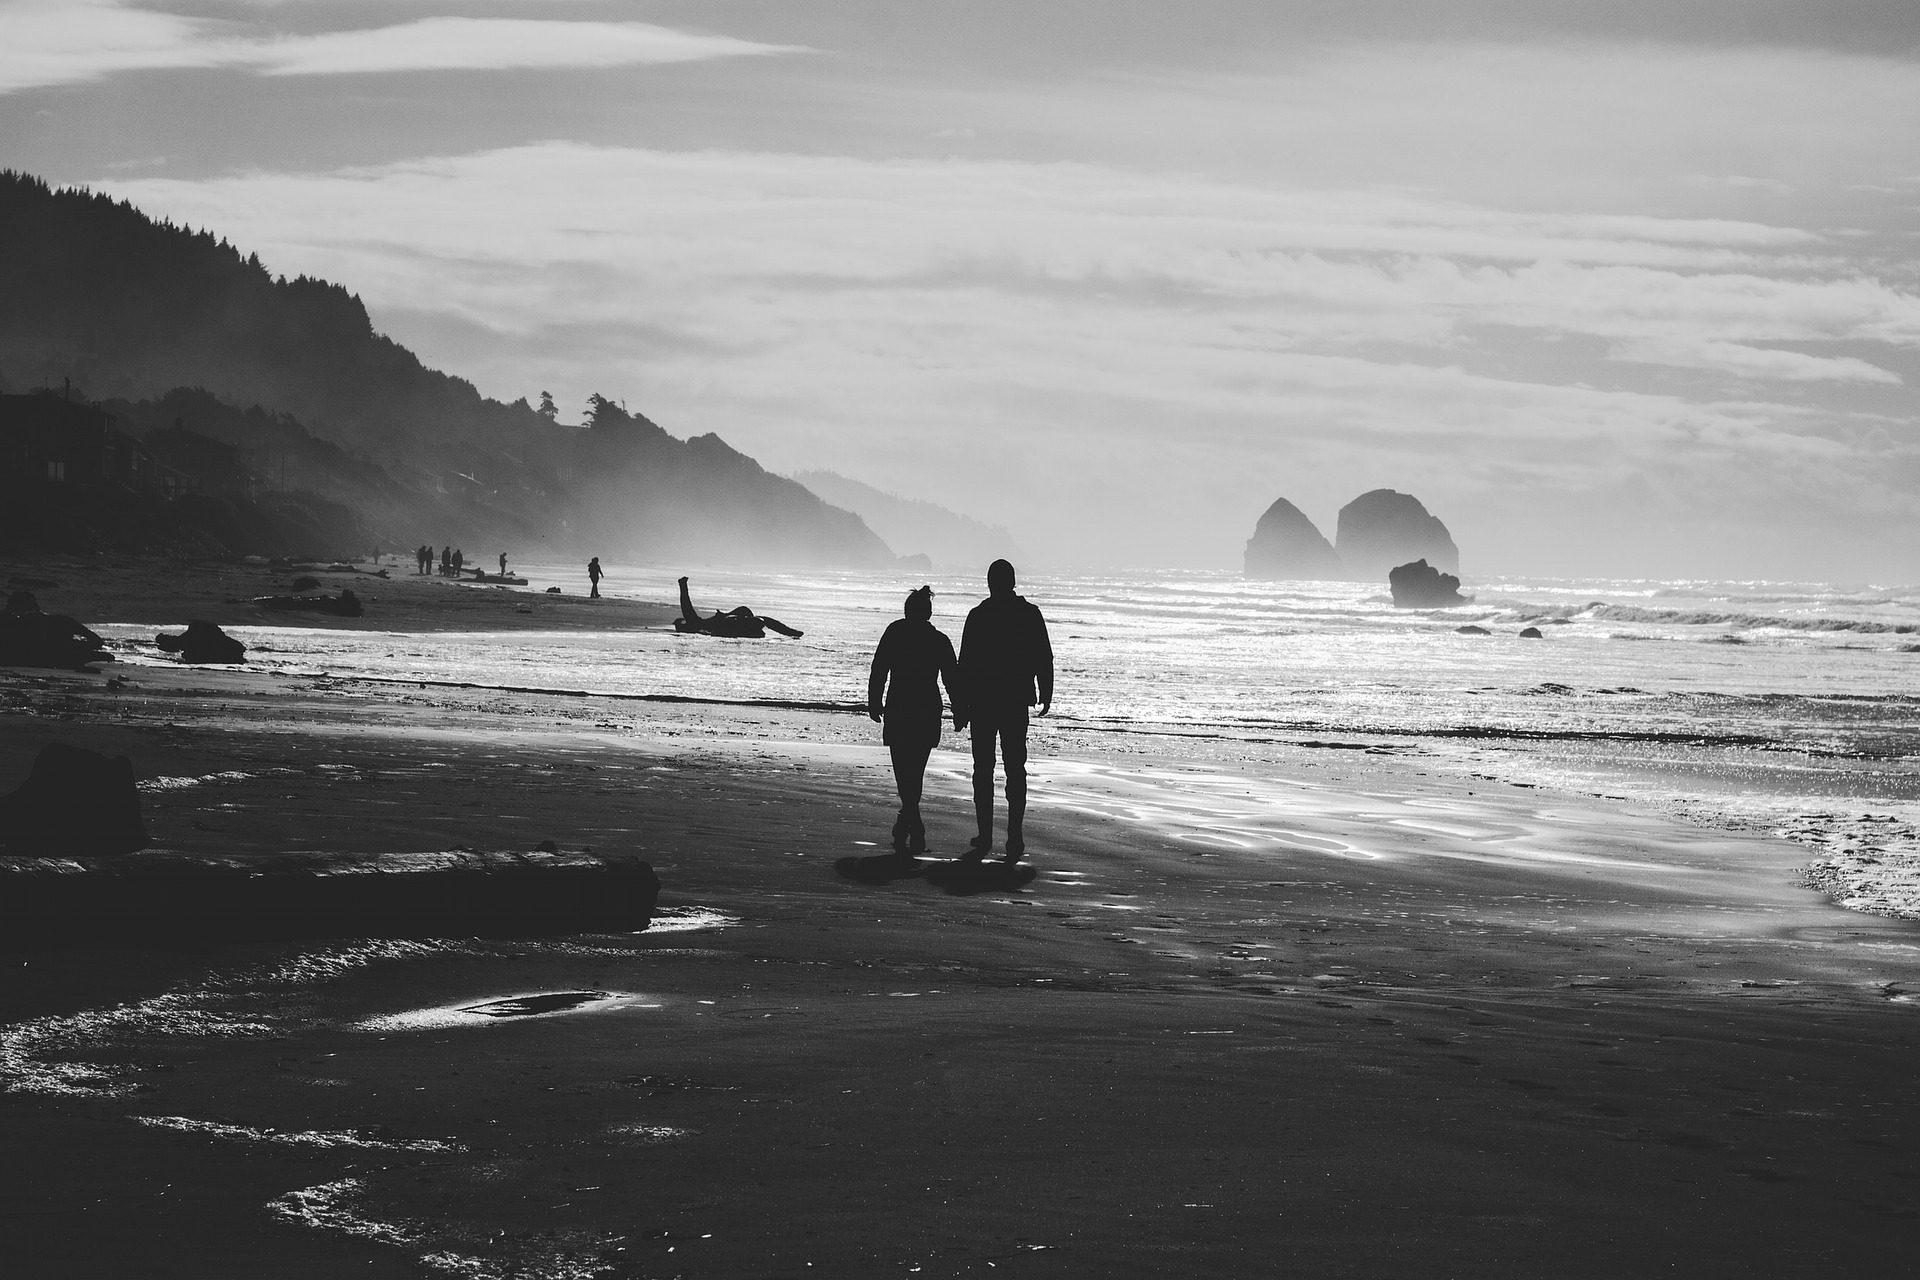 coppia, Spiaggia, corsa, Riva, Mare, in bianco e nero - Sfondi HD - Professor-falken.com